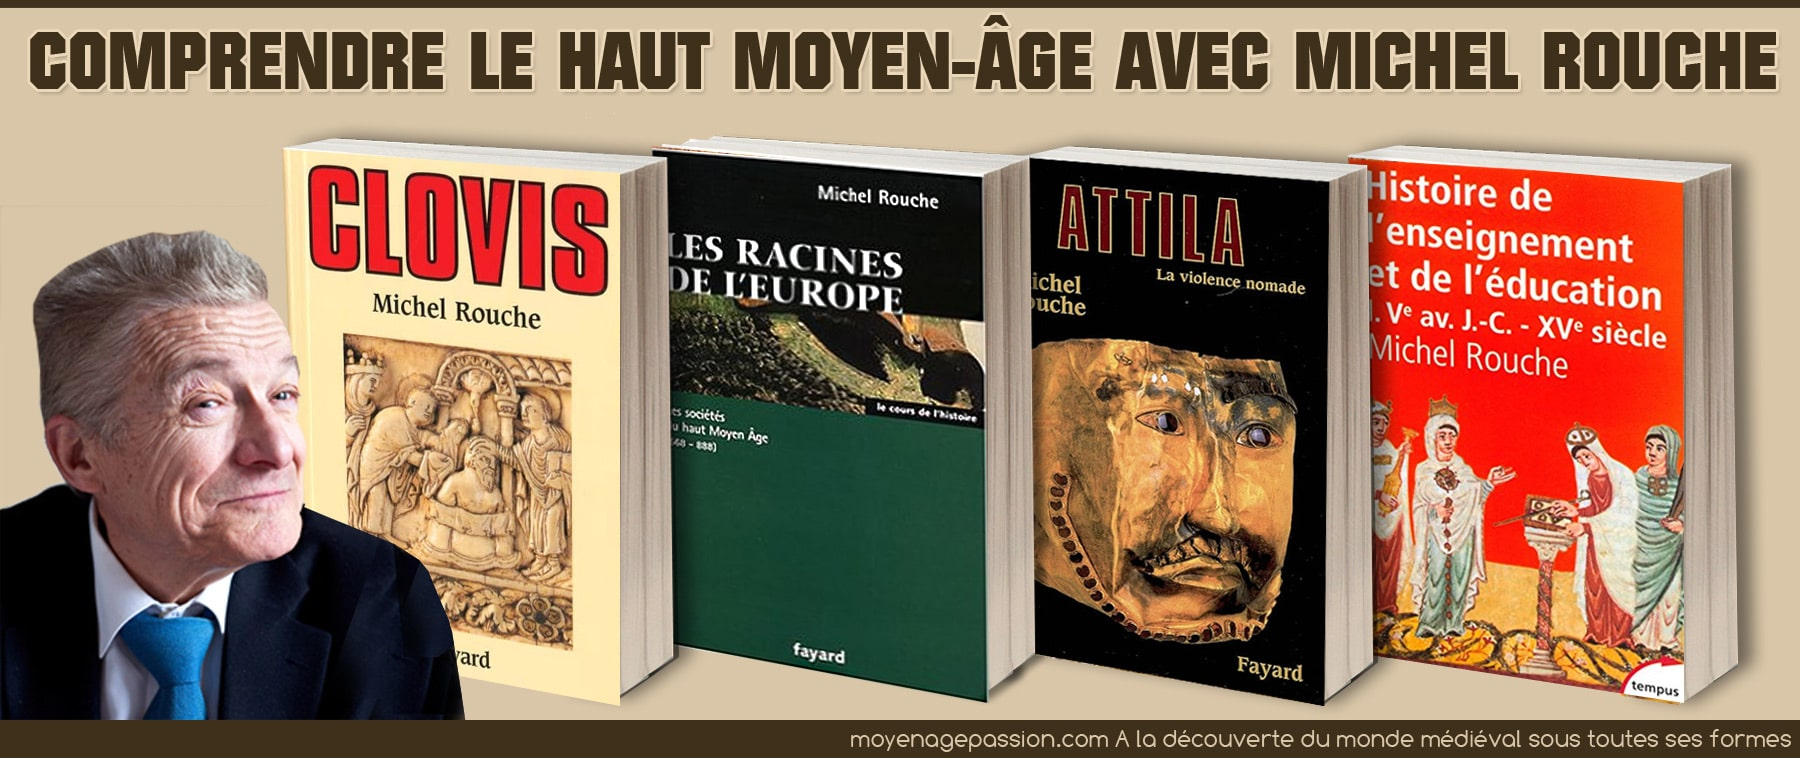 conference_haut_moyen-age_violence_monde_medieval_michel_rouche_bibliographie